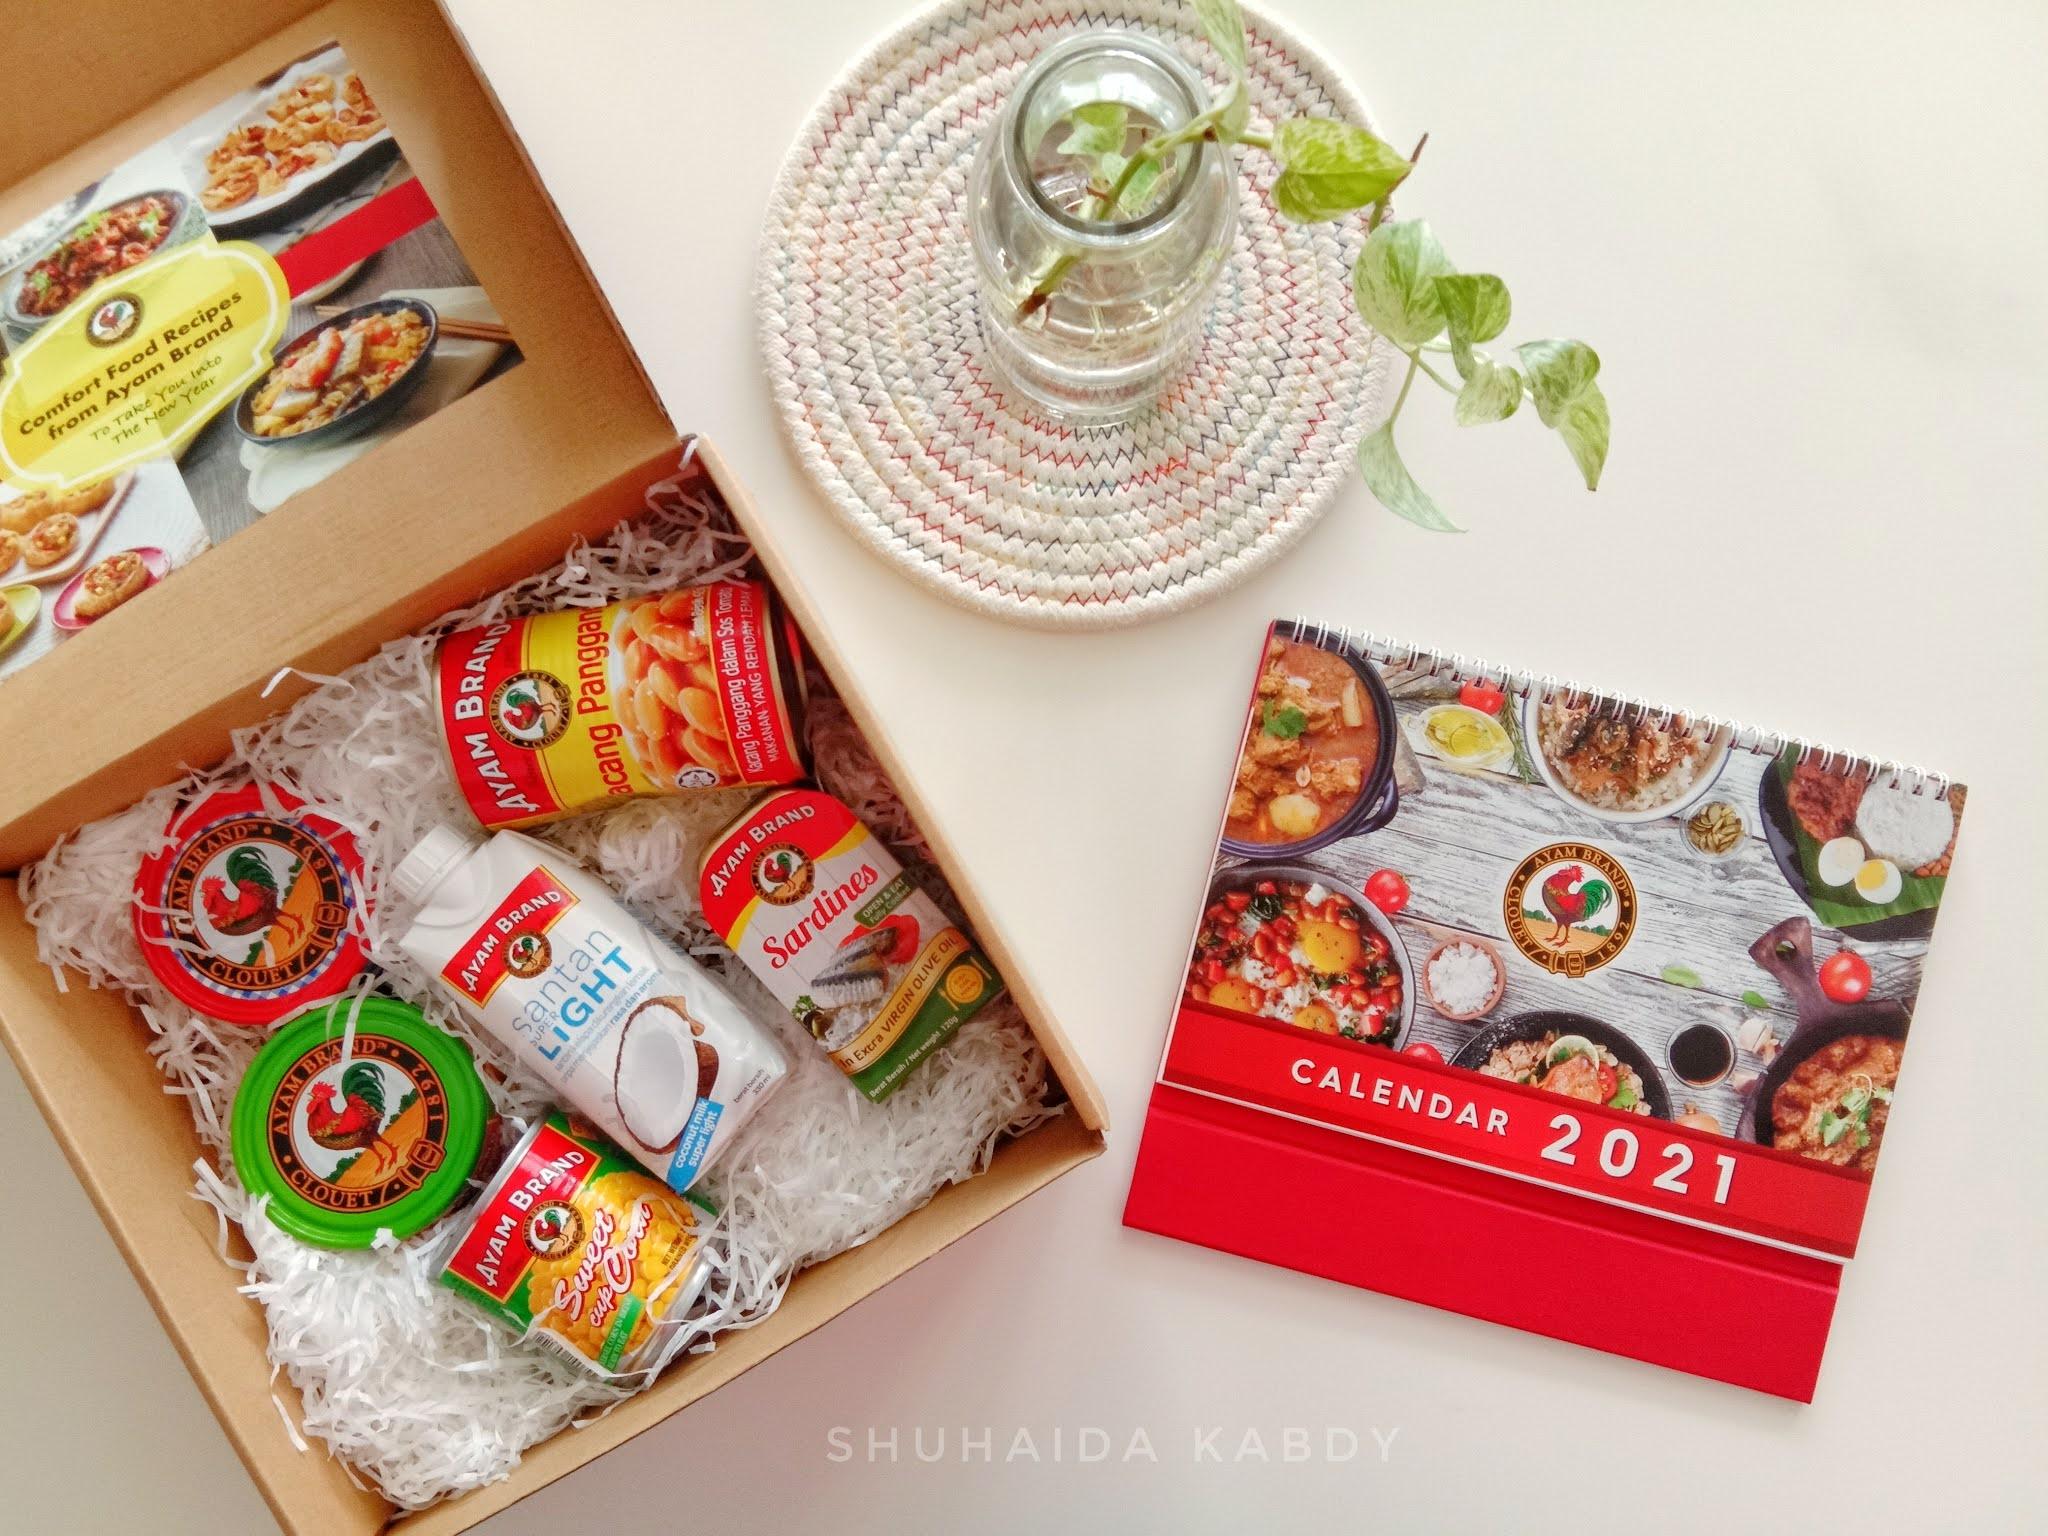 Lima Resepi Comfort Ayam Brand Untuk Melangkah ke Tahun Baharu